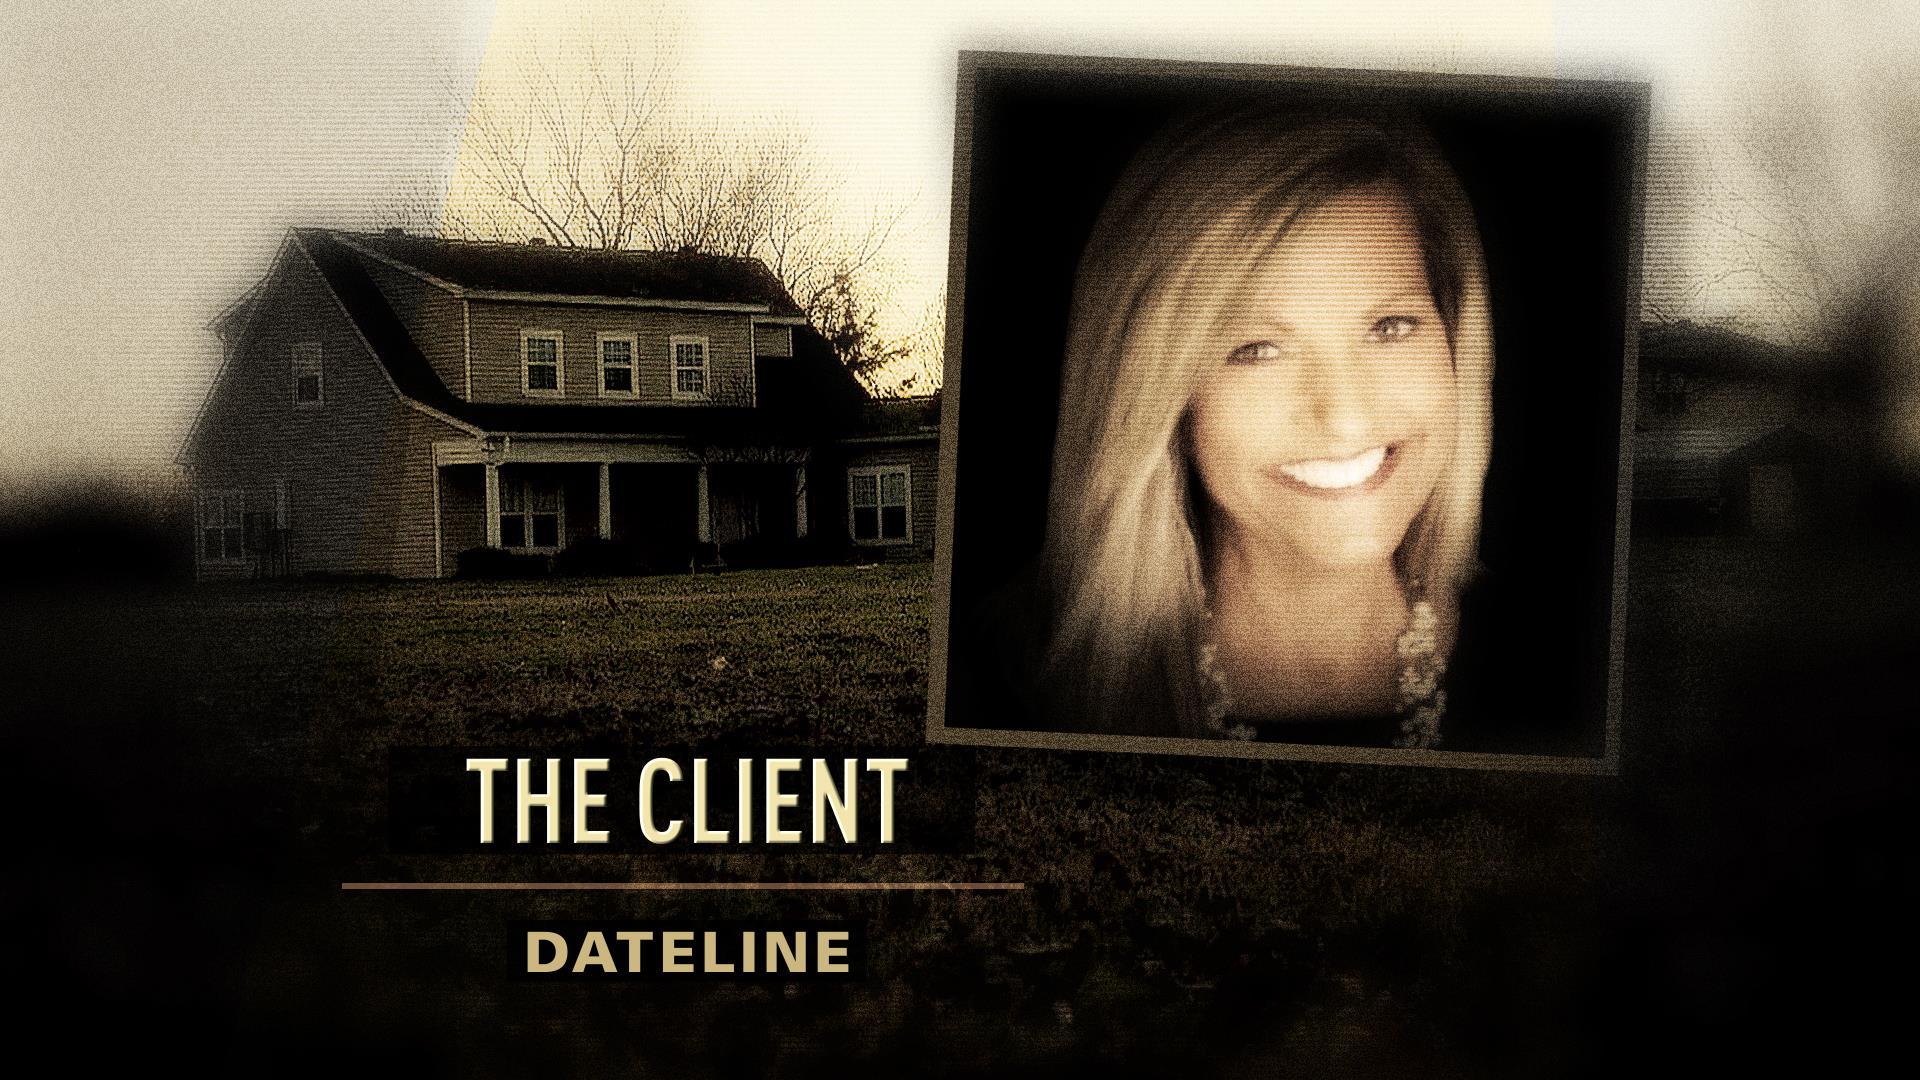 Dateline Trailer: The Client